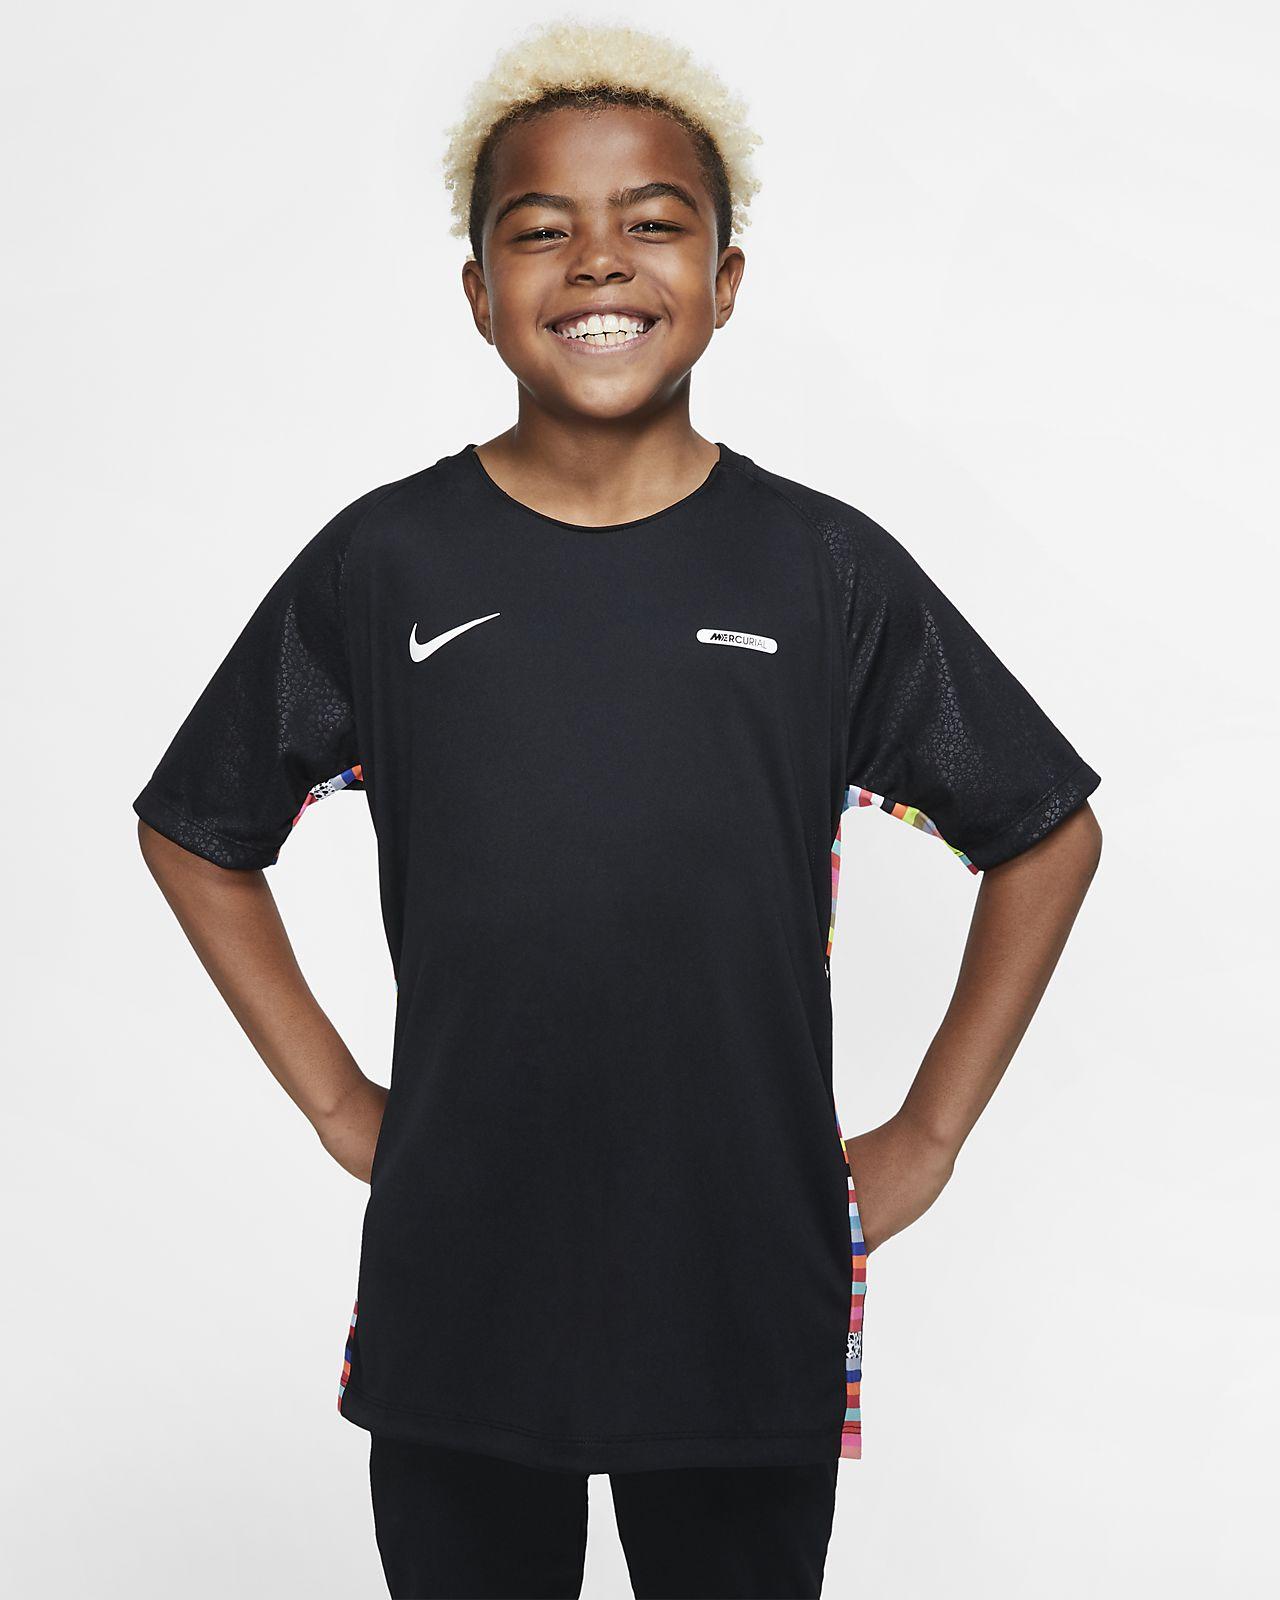 Nike Dri-FIT Mercurial rövid ujjú futballfelső nagyobb gyerekeknek